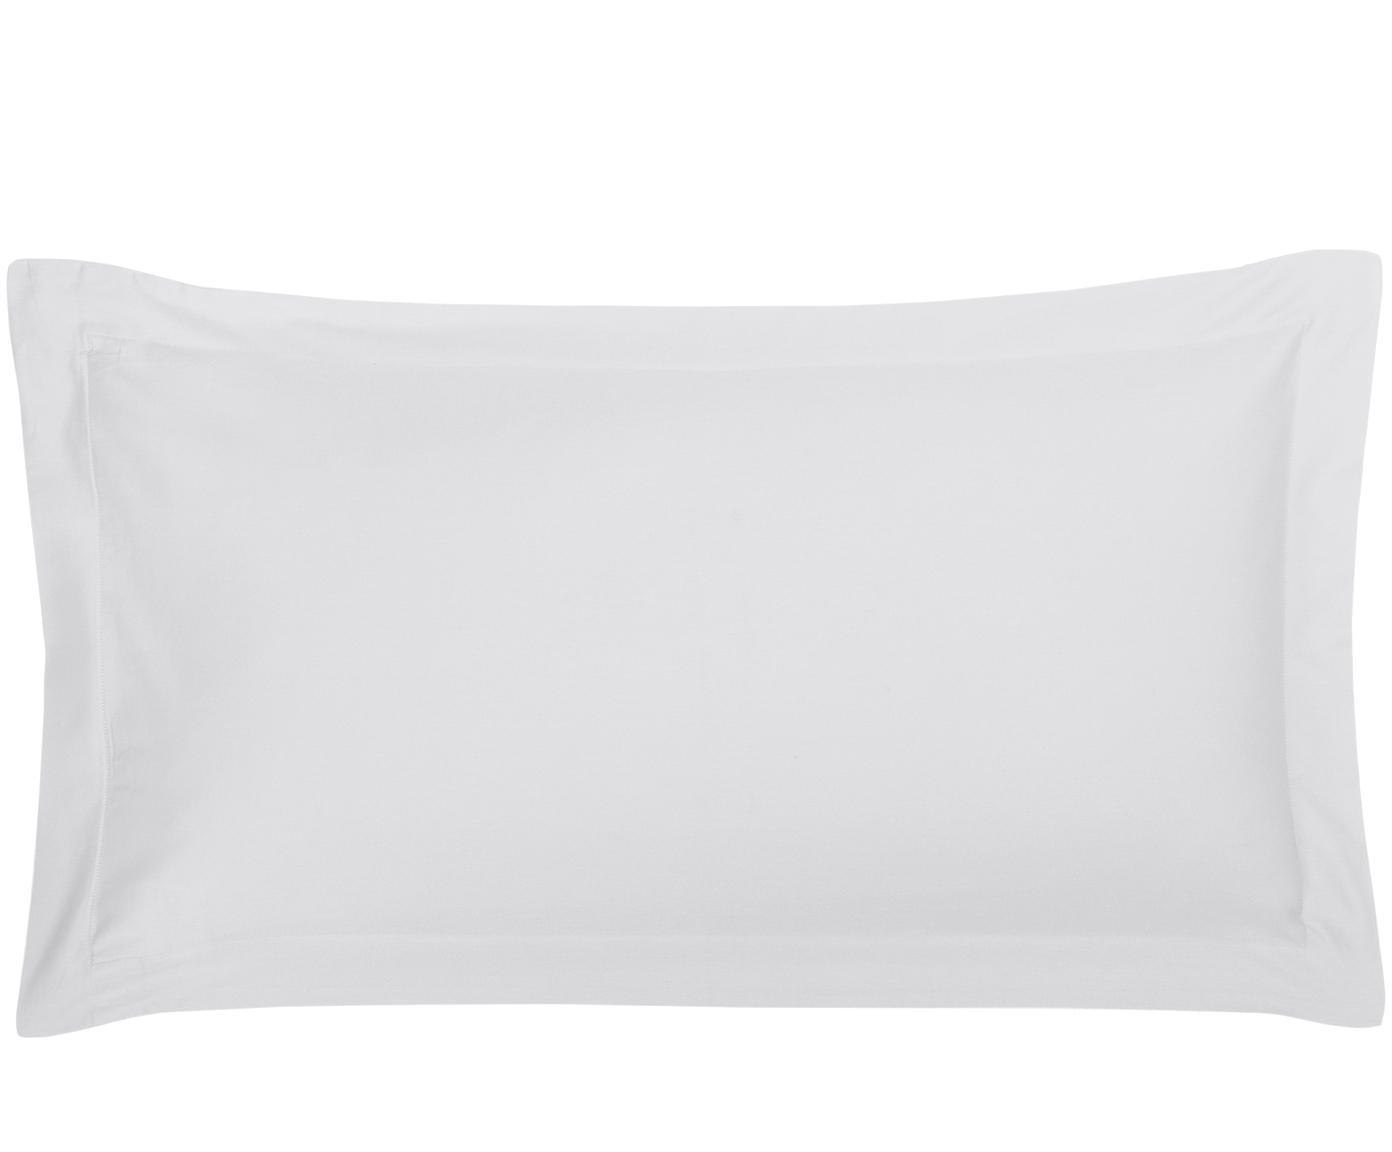 Baumwollsatin-Kissenbezüge Premium in Hellgrau mit Stehsaum, 2 Stück, Webart: Satin Fadendichte 400 TC,, Hellgrau, 40 x 80 cm